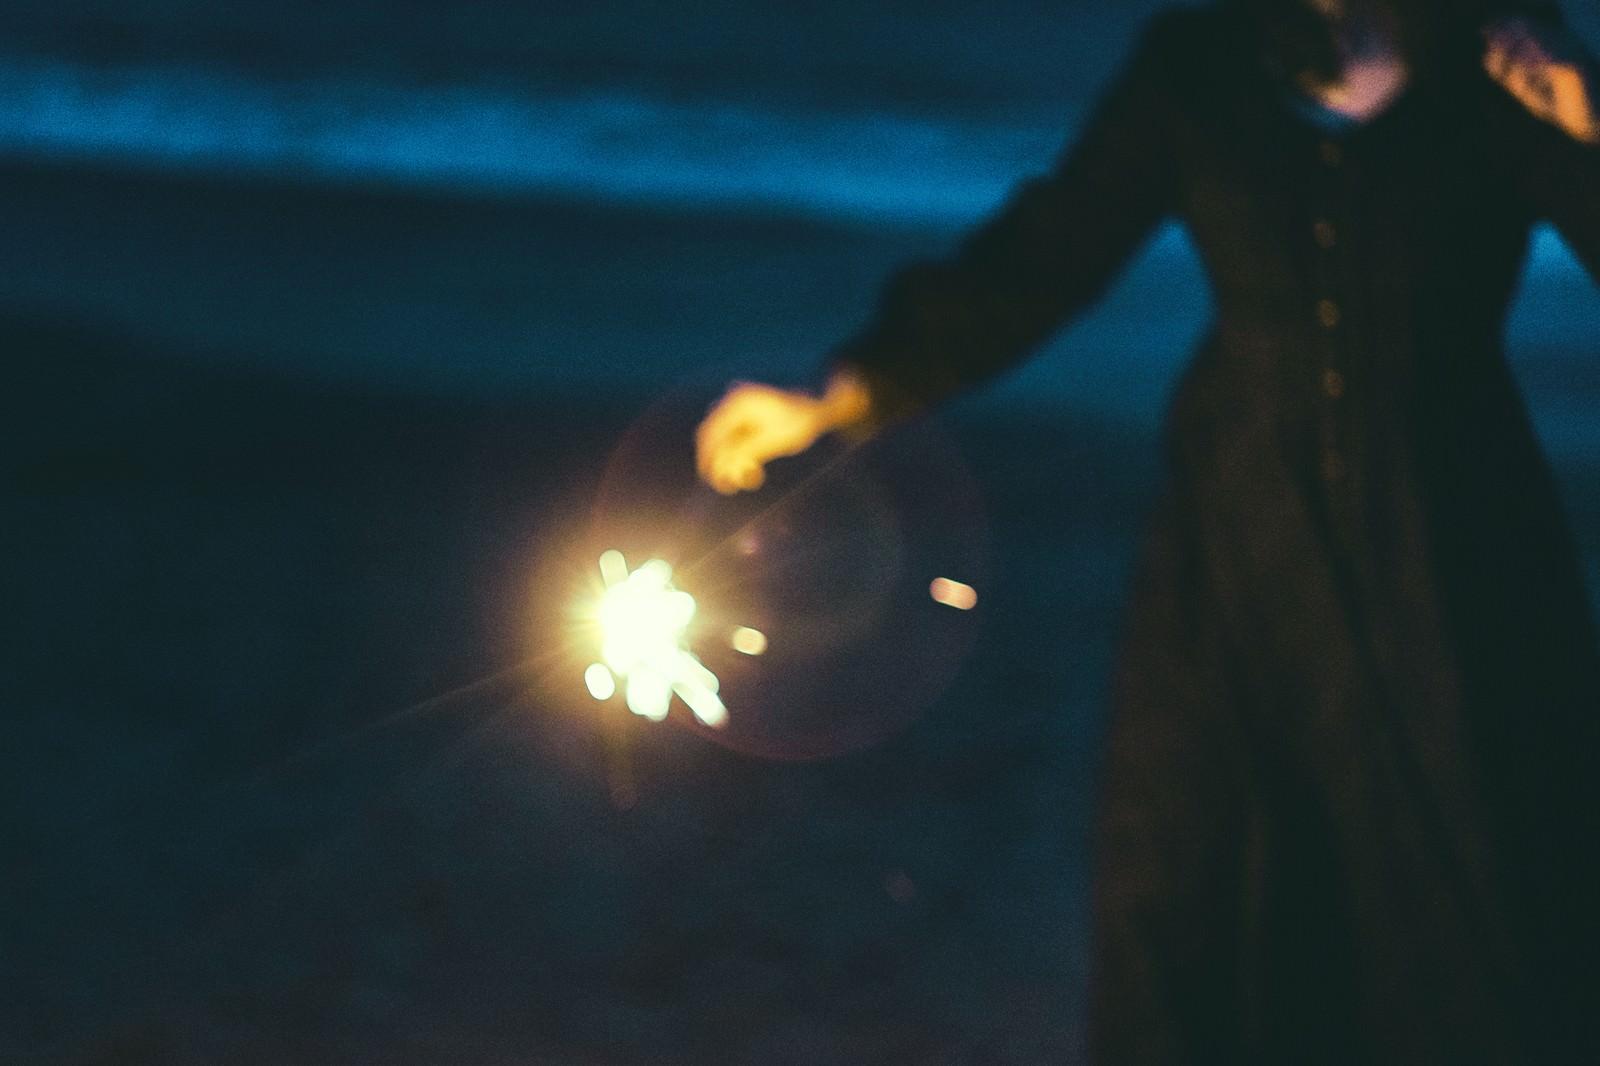 「手持ち花火を楽しむ手持ち花火を楽しむ」のフリー写真素材を拡大